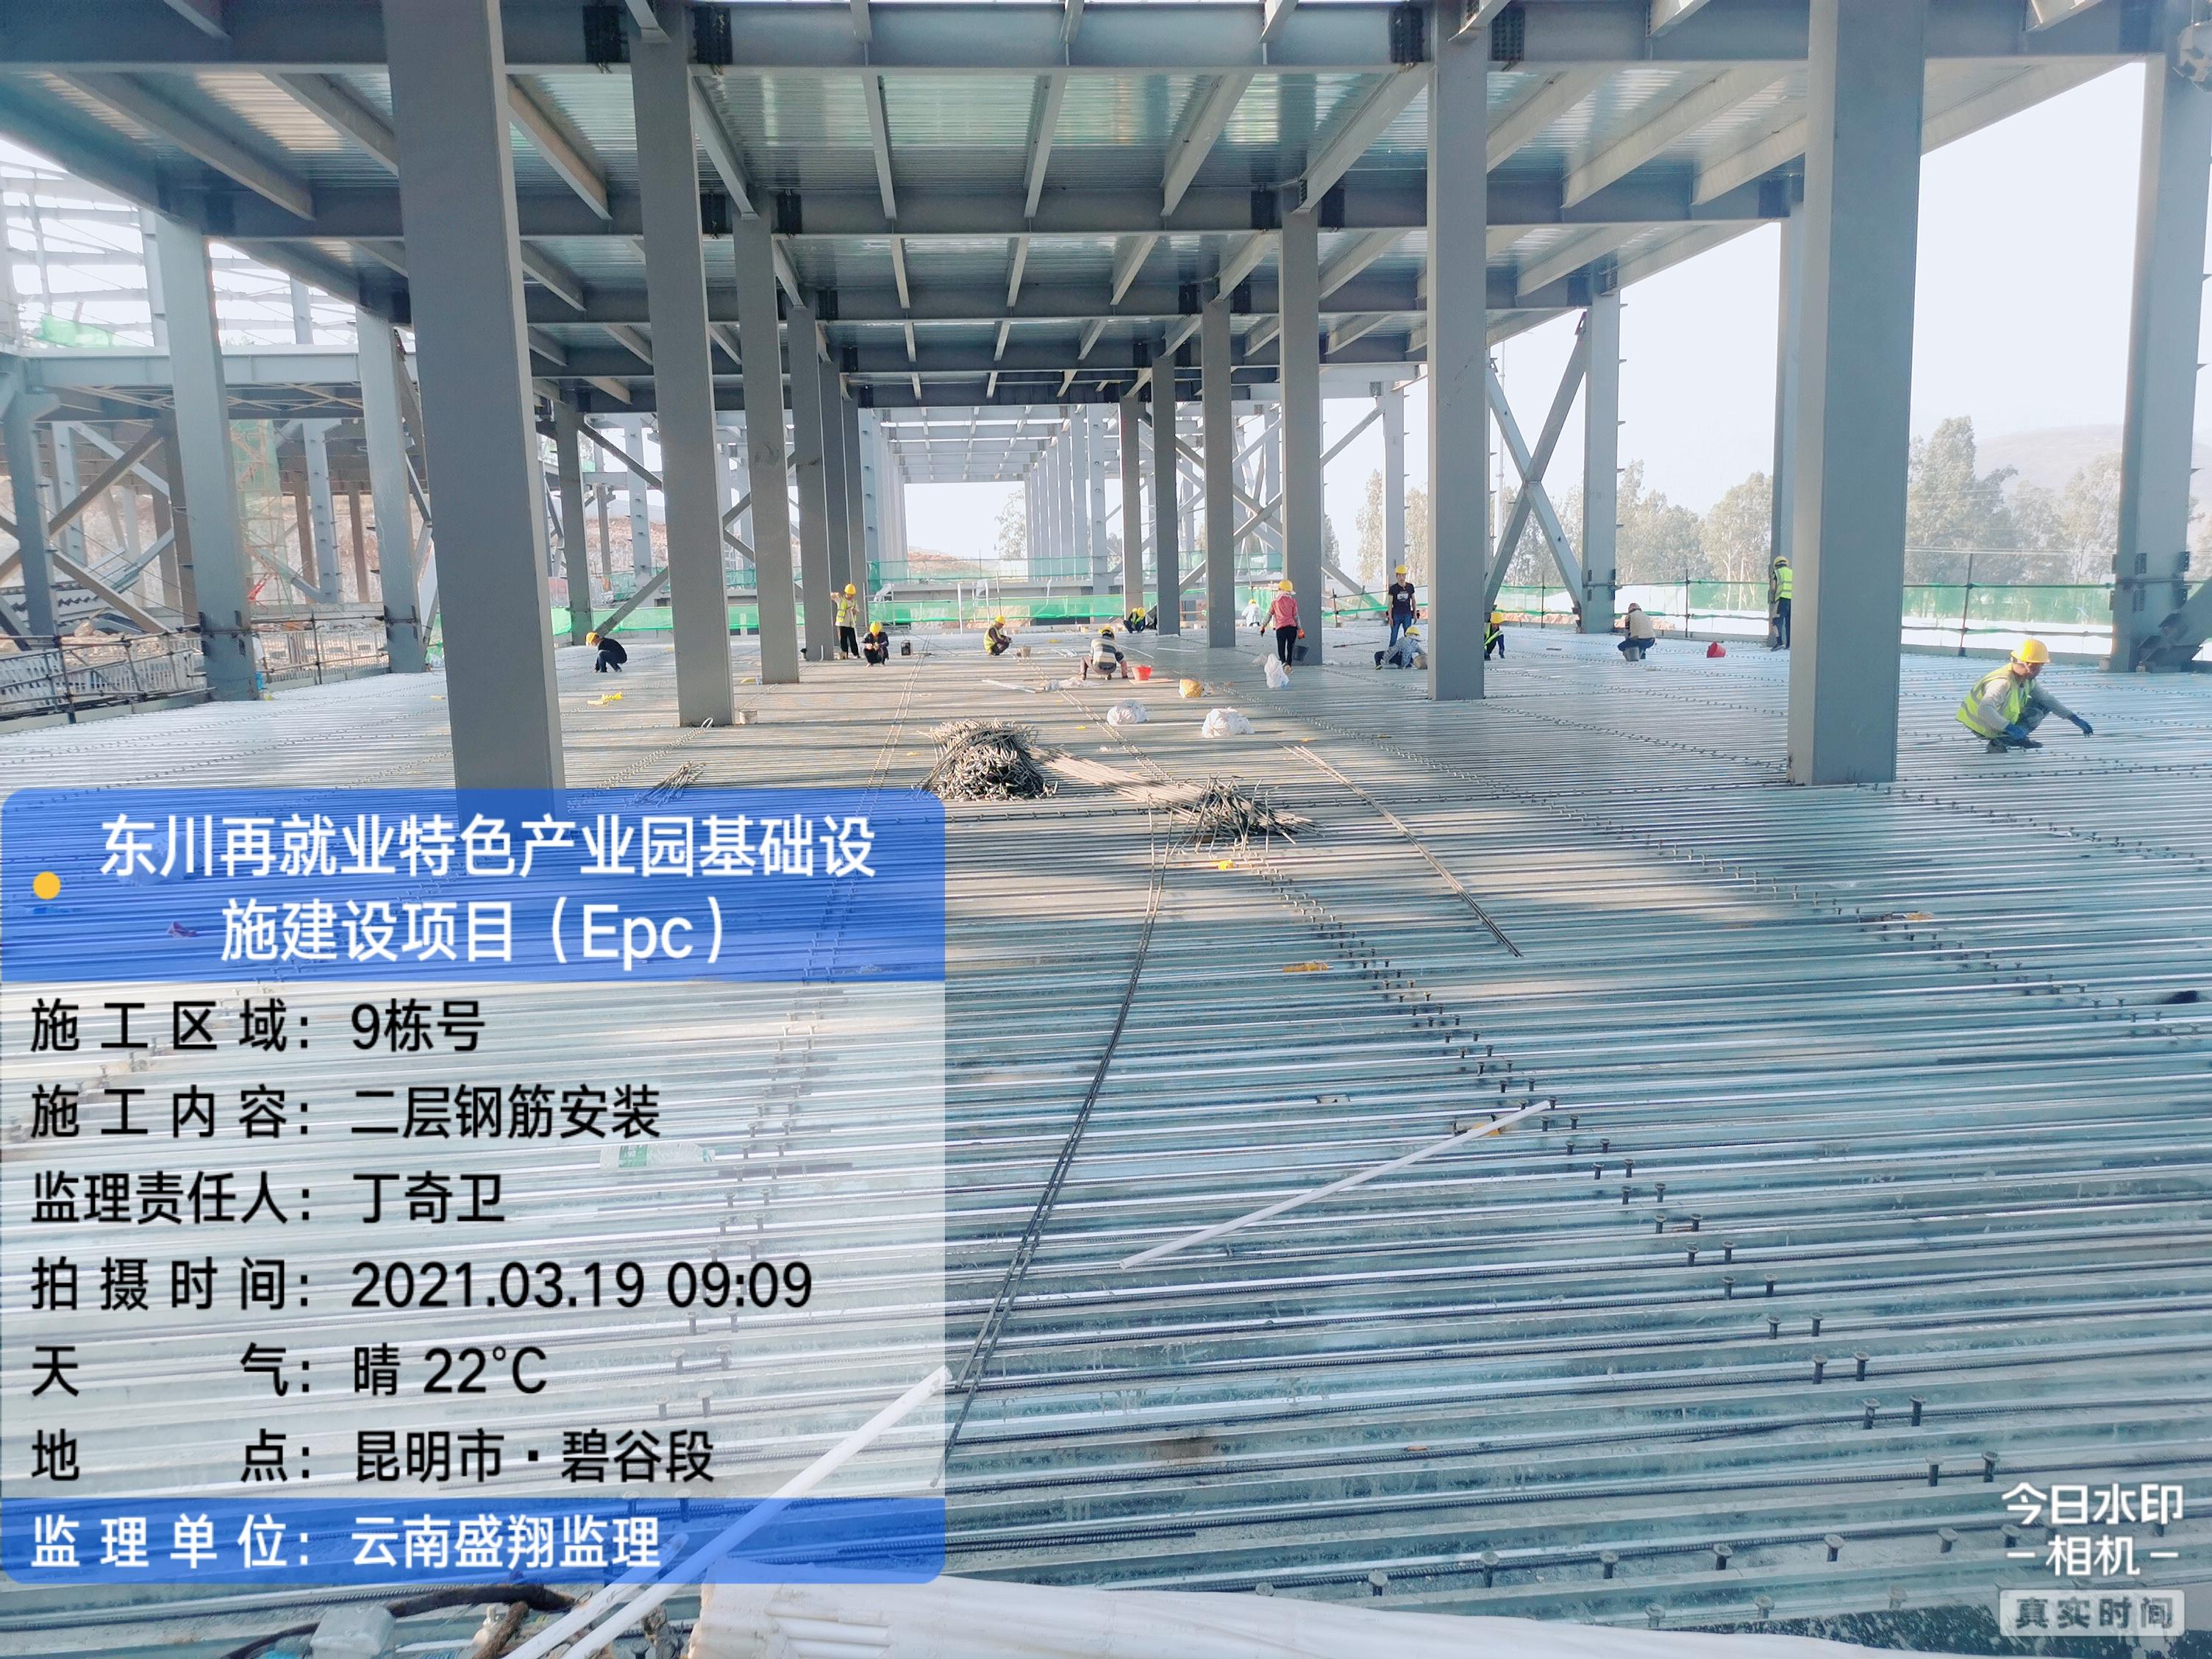 东川再就业特色产业园基础设施建设项目(EPC)项目进度简况